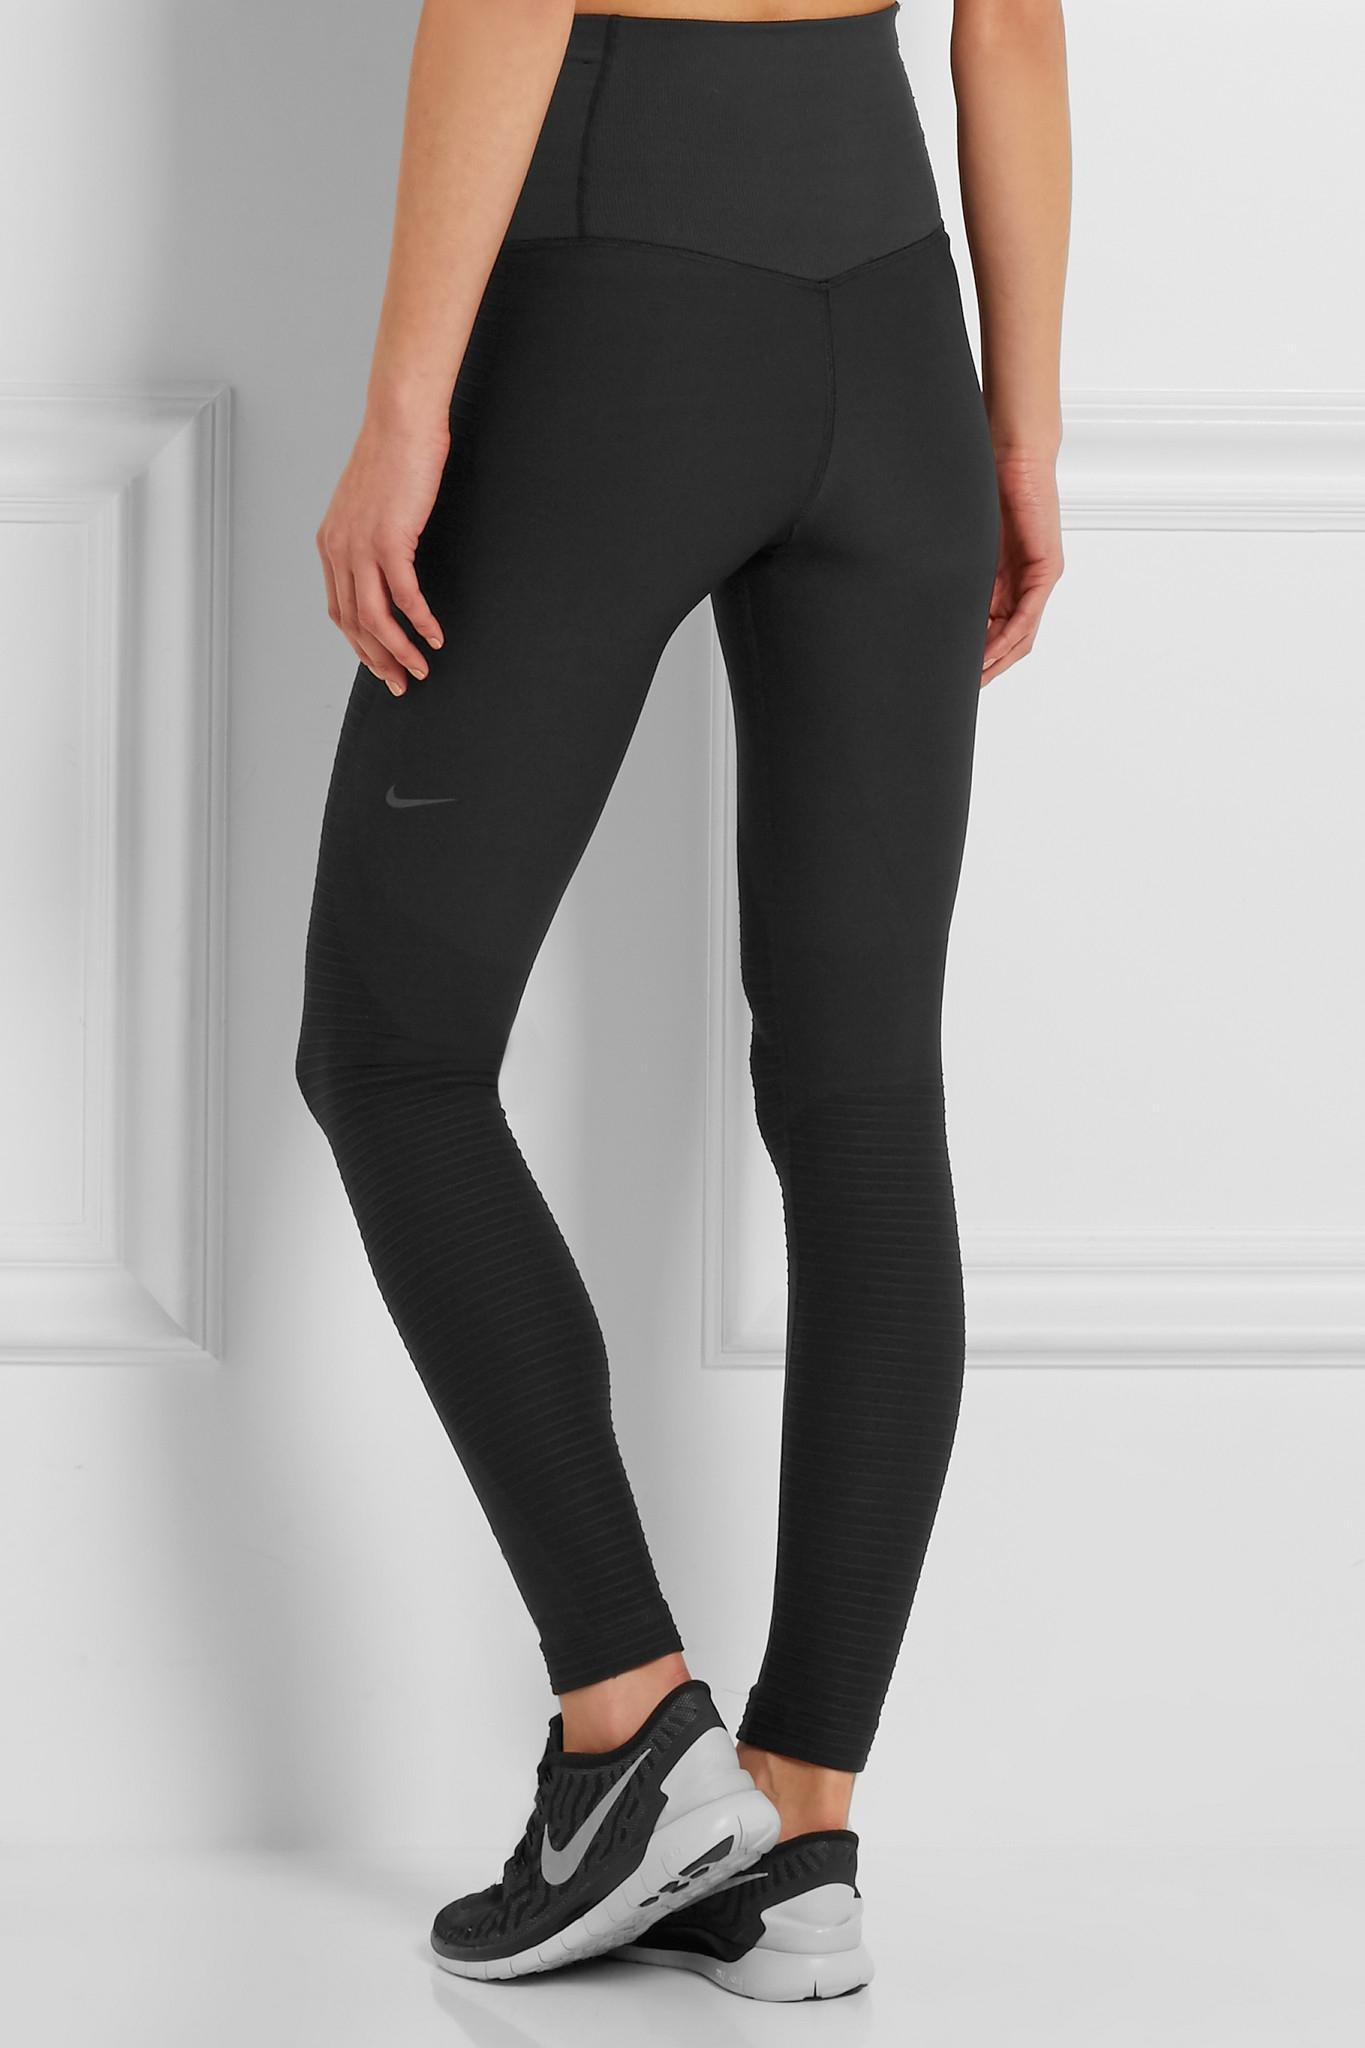 Women wide leg trousers for